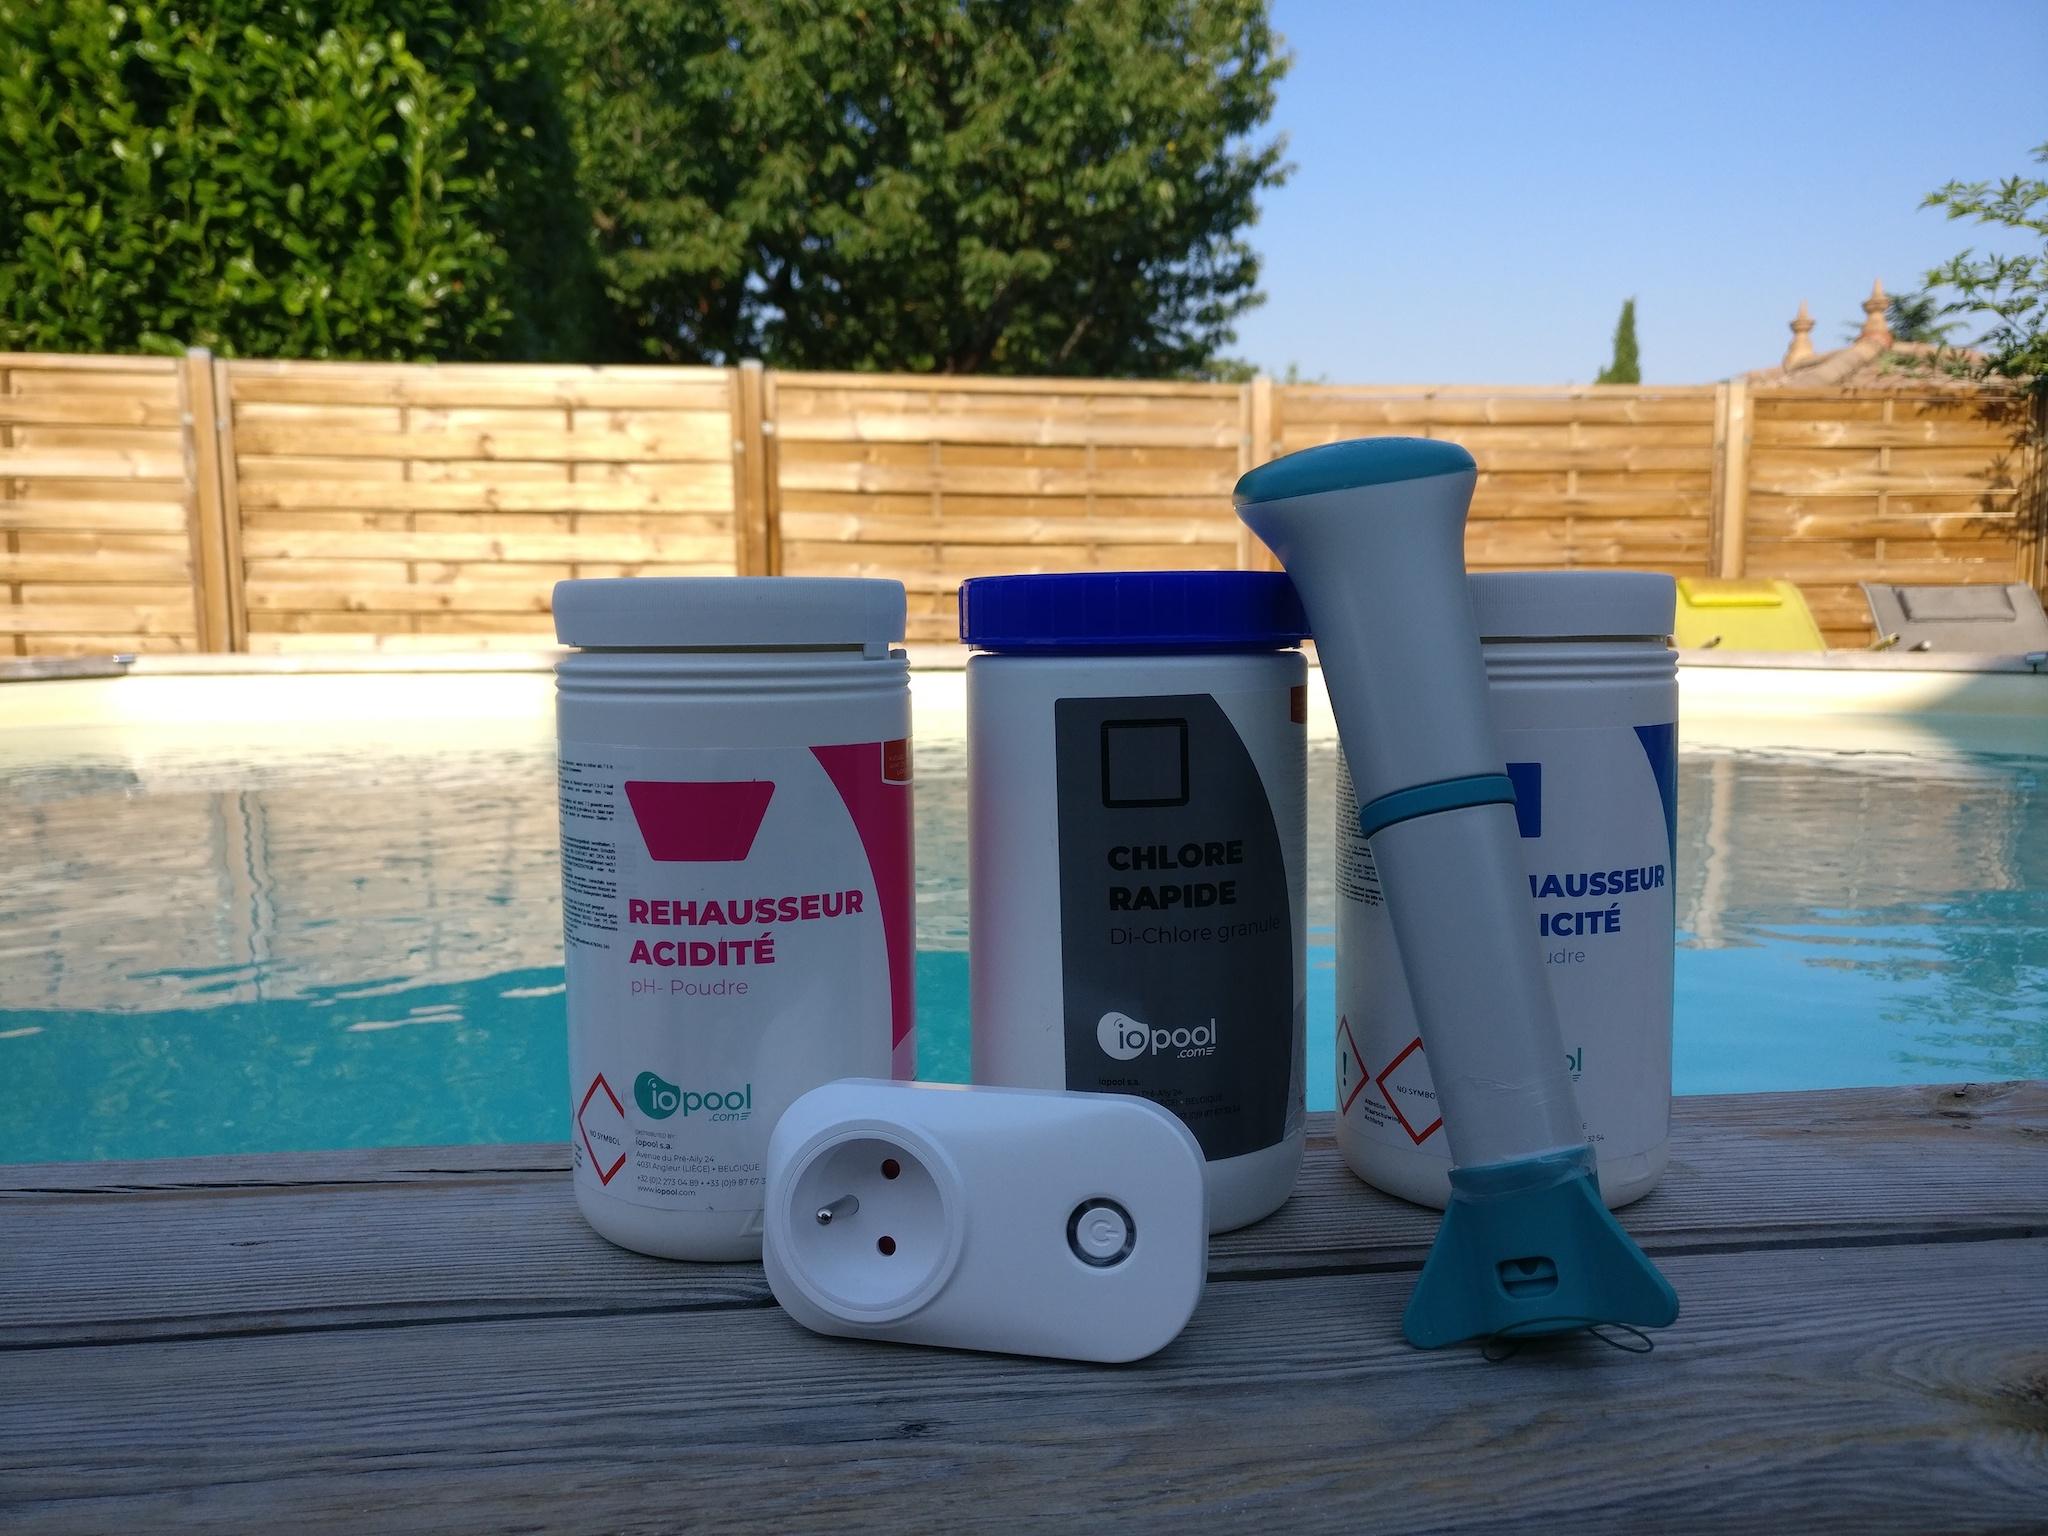 #Test de l'analyseur d'eau connecté pour piscine EcO de iopool